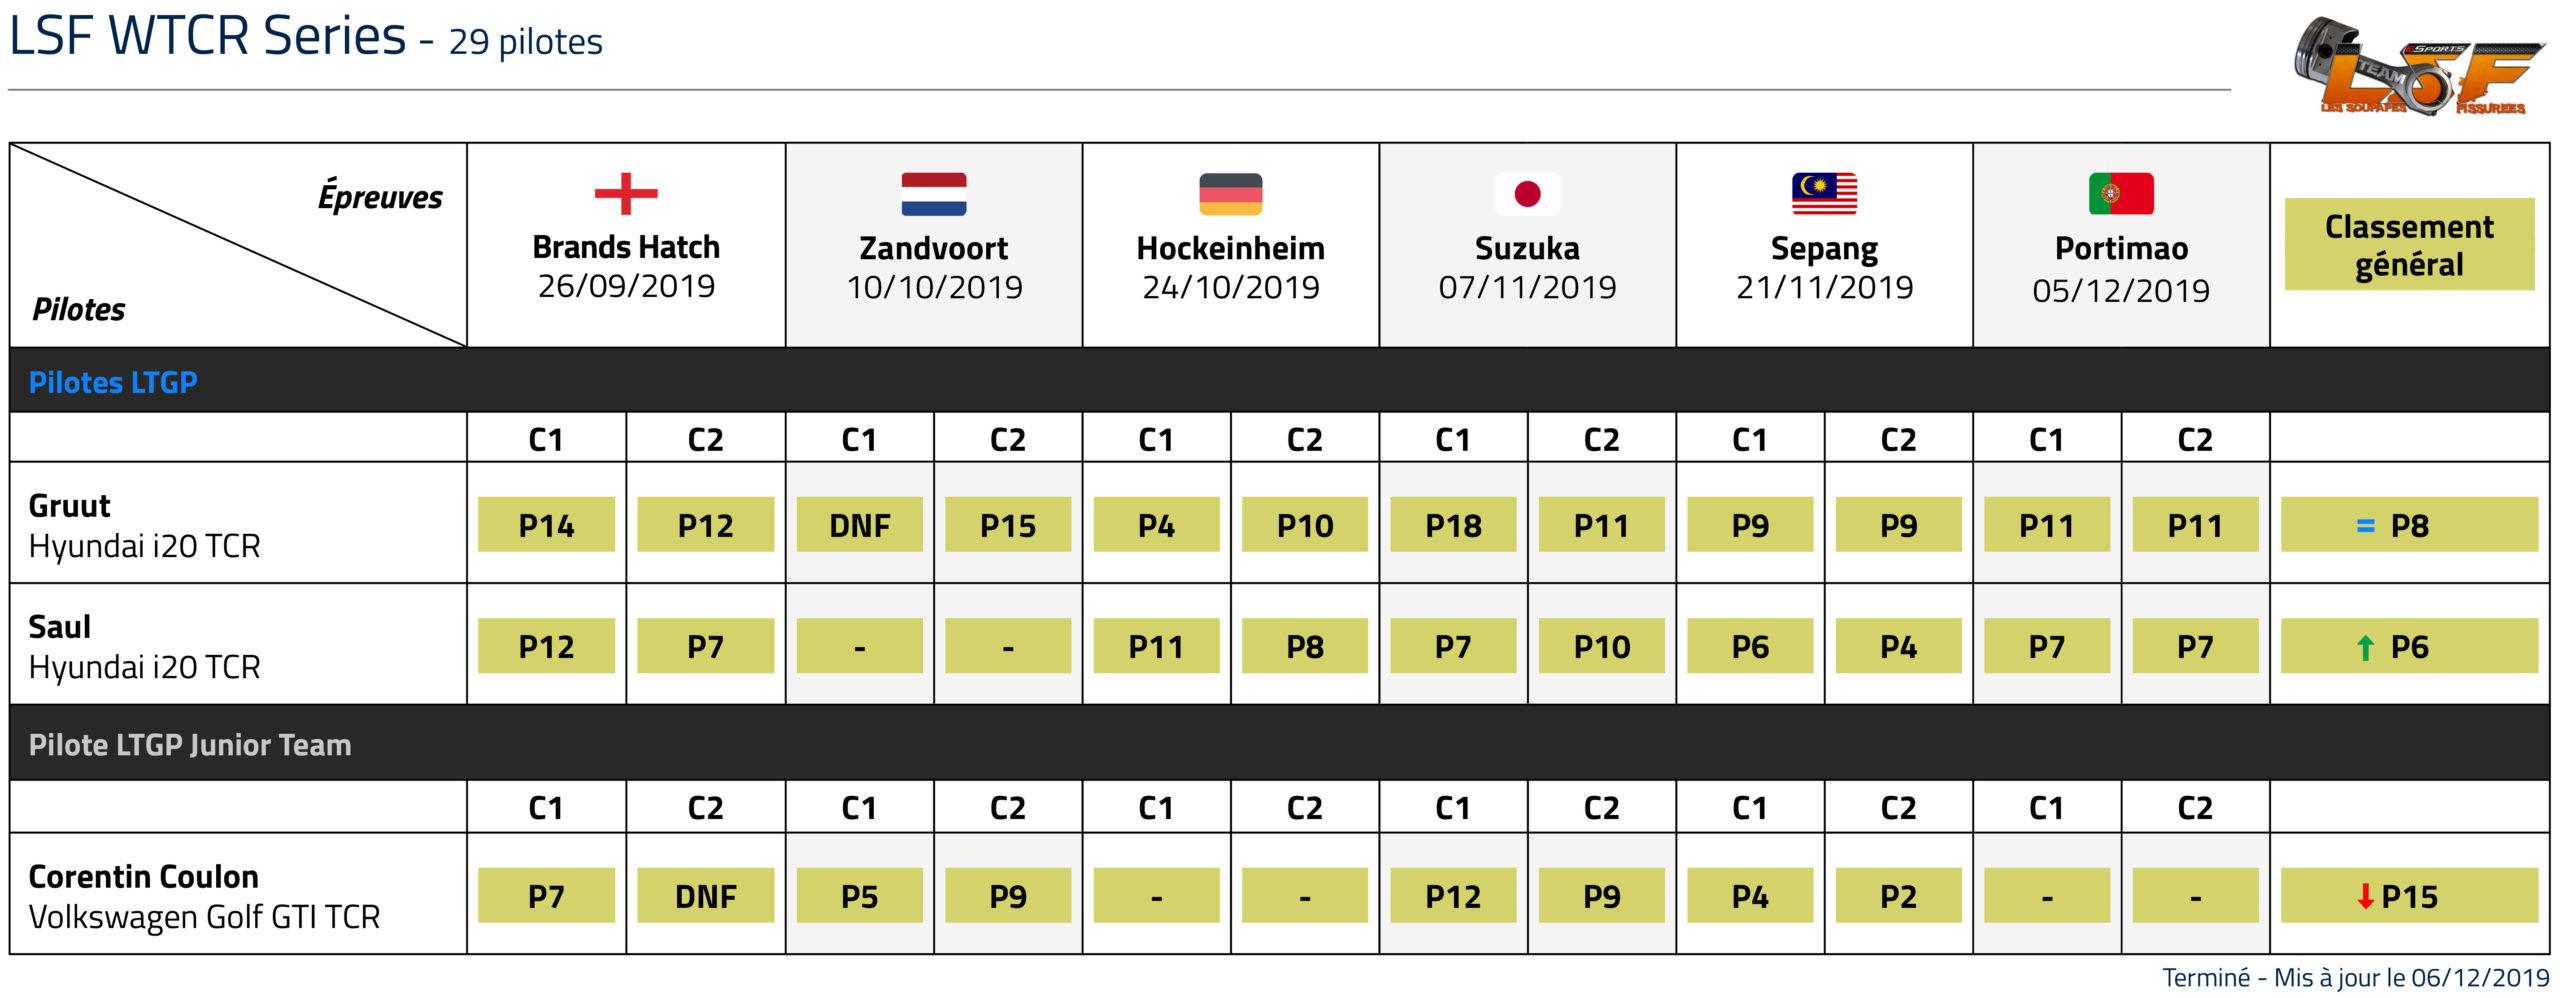 Championnat LSF WTCR classement LTGP esports